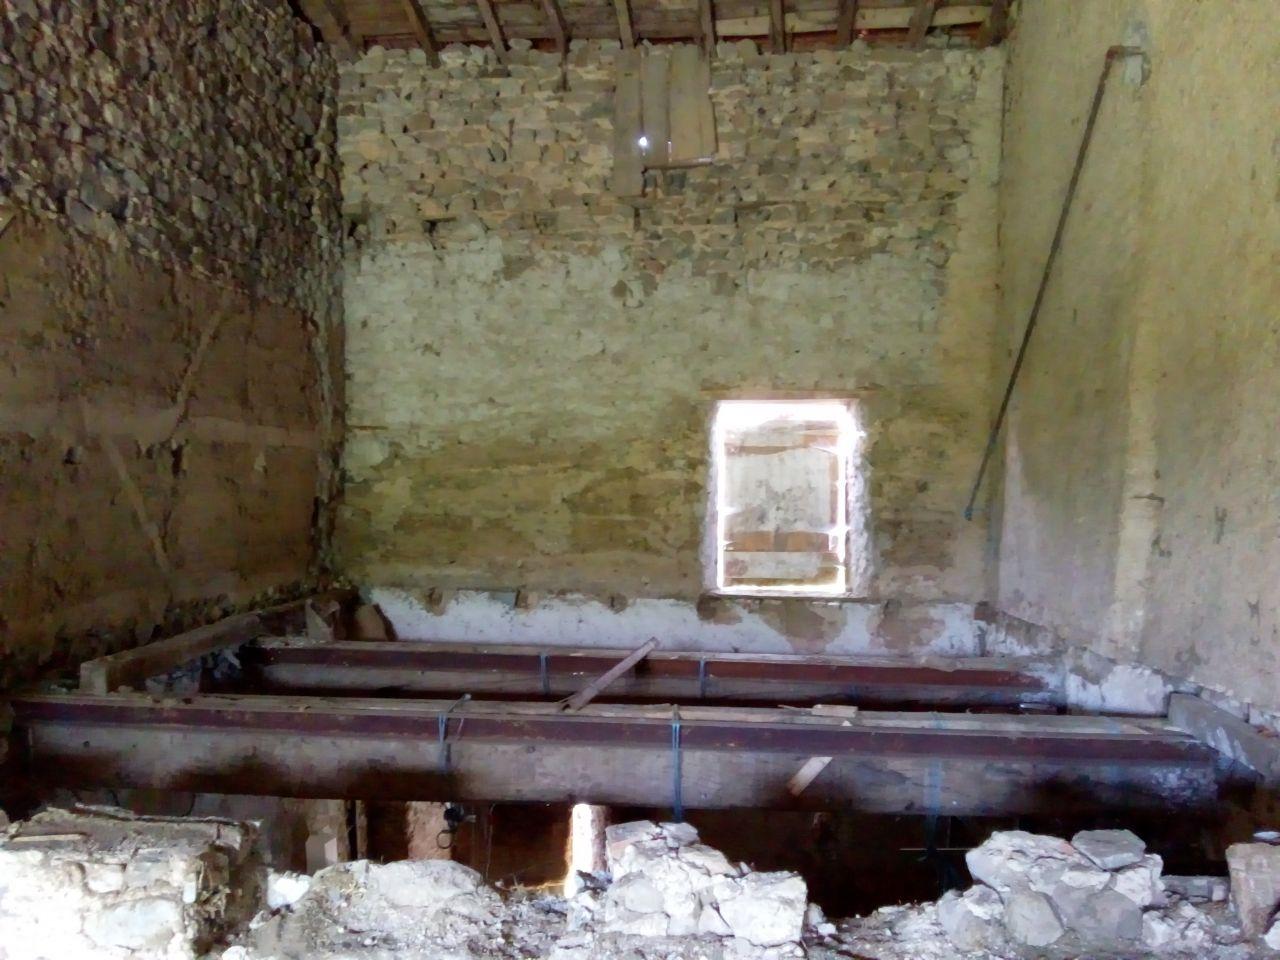 Future chambre du rez-de-chaussée et salle de bains, plancher en cours de retrait. On aperçoit encore des poutres.